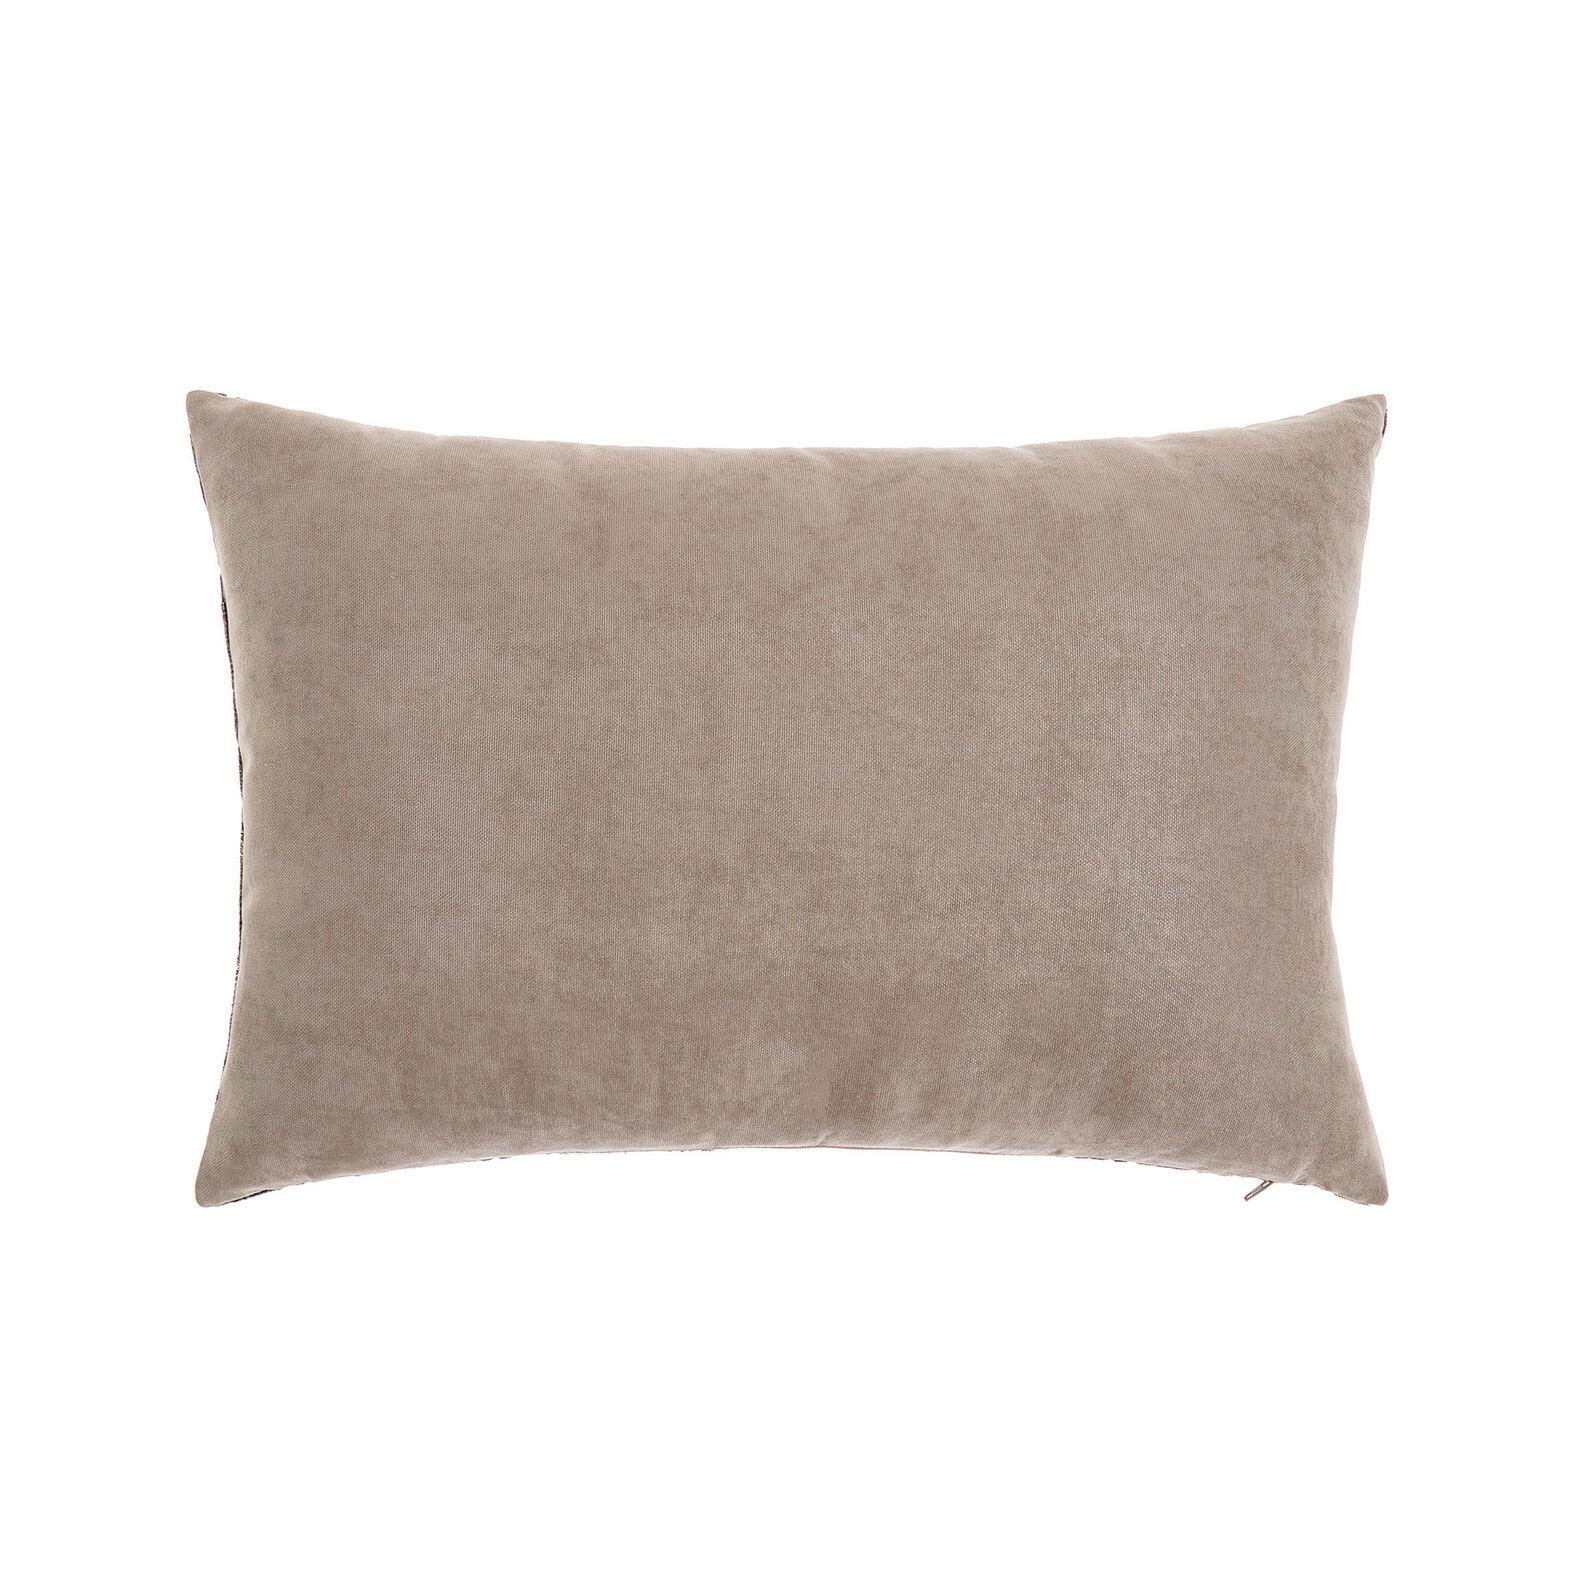 Cushion in faded devoré velvet 35x55cm